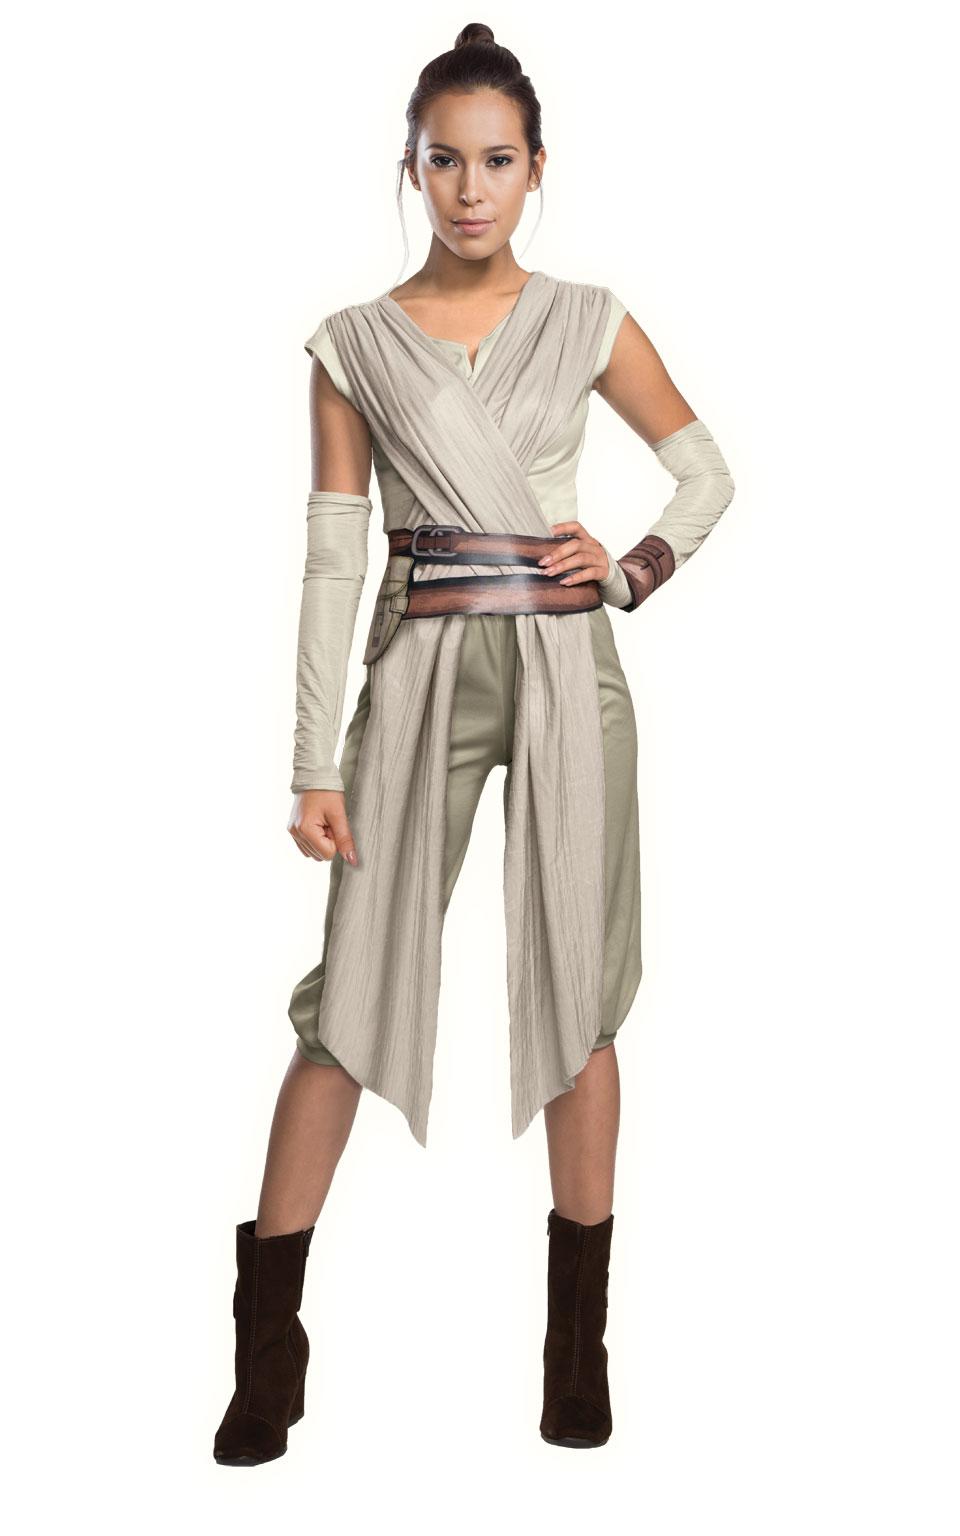 Rubies Dámsky kostým Rey - Deluxe Veľkosť - dospelý: L